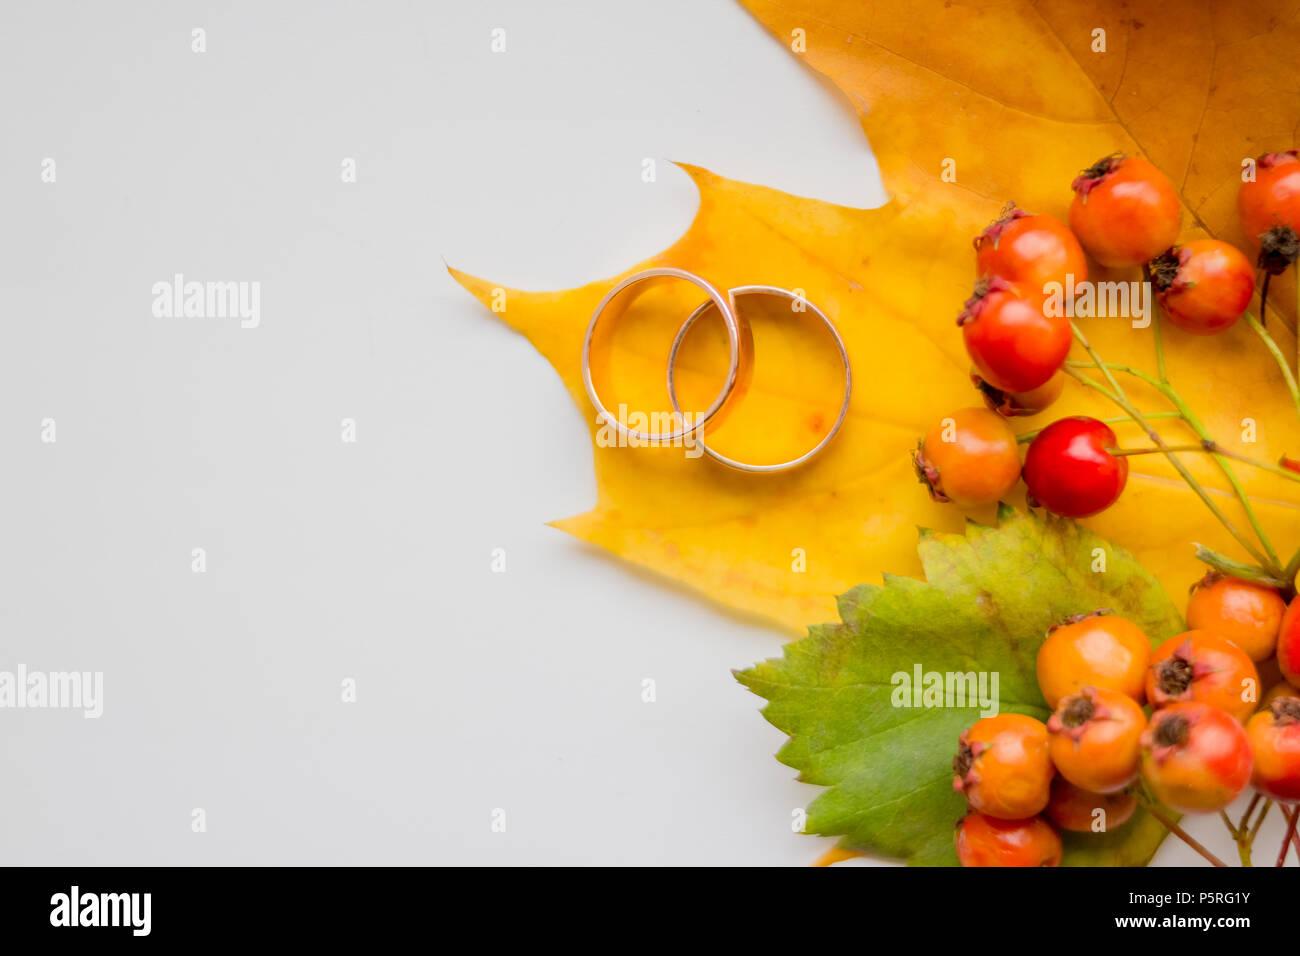 Kreative Saisonale Herbst Hintergrund In Der Nahe Von Ahorn Blatter